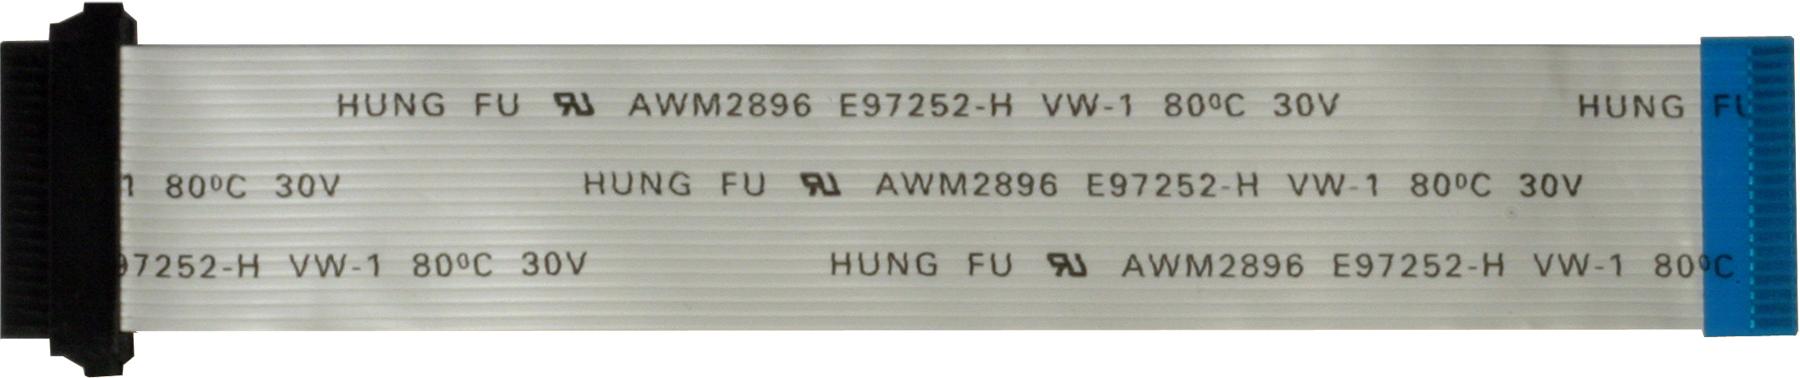 OCP-Flat-Flex-Cables